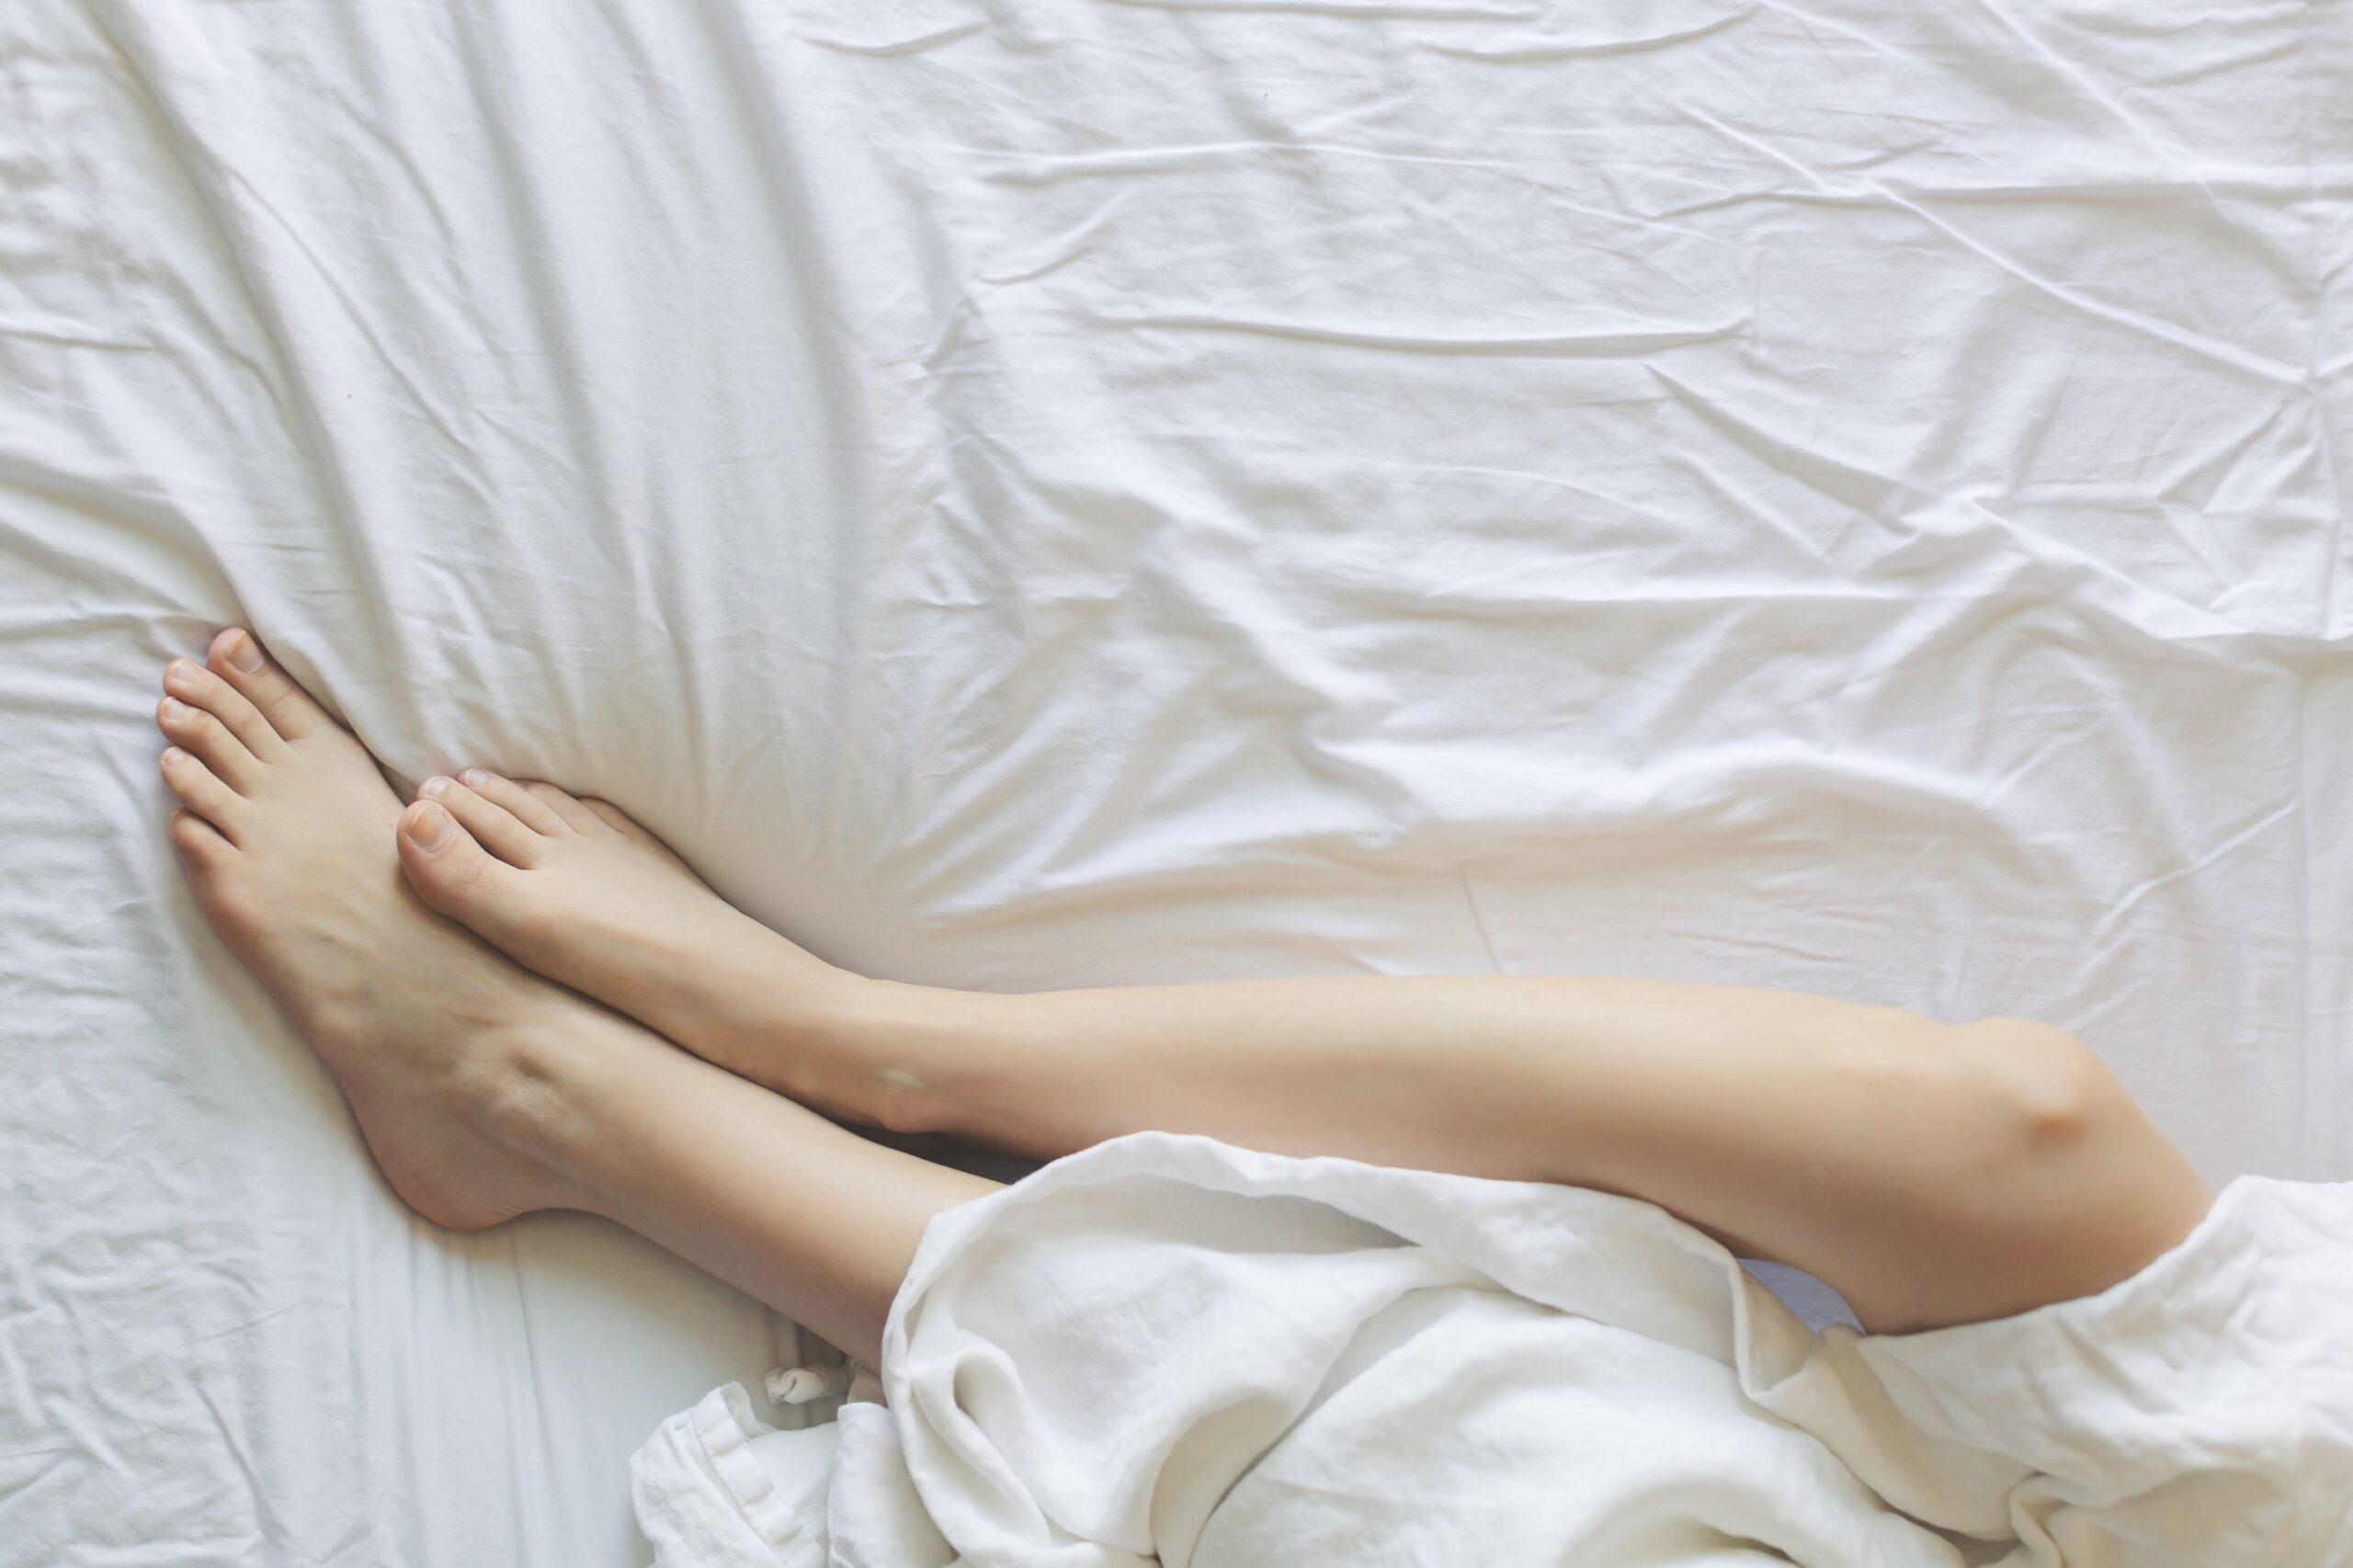 calambre en la pierna mientras duerme